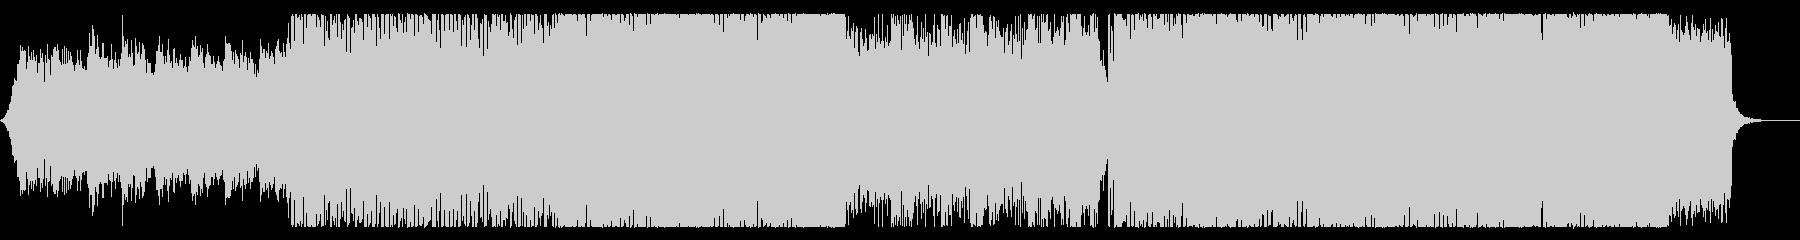 80年代風の宇宙的なシンセウェーブの未再生の波形